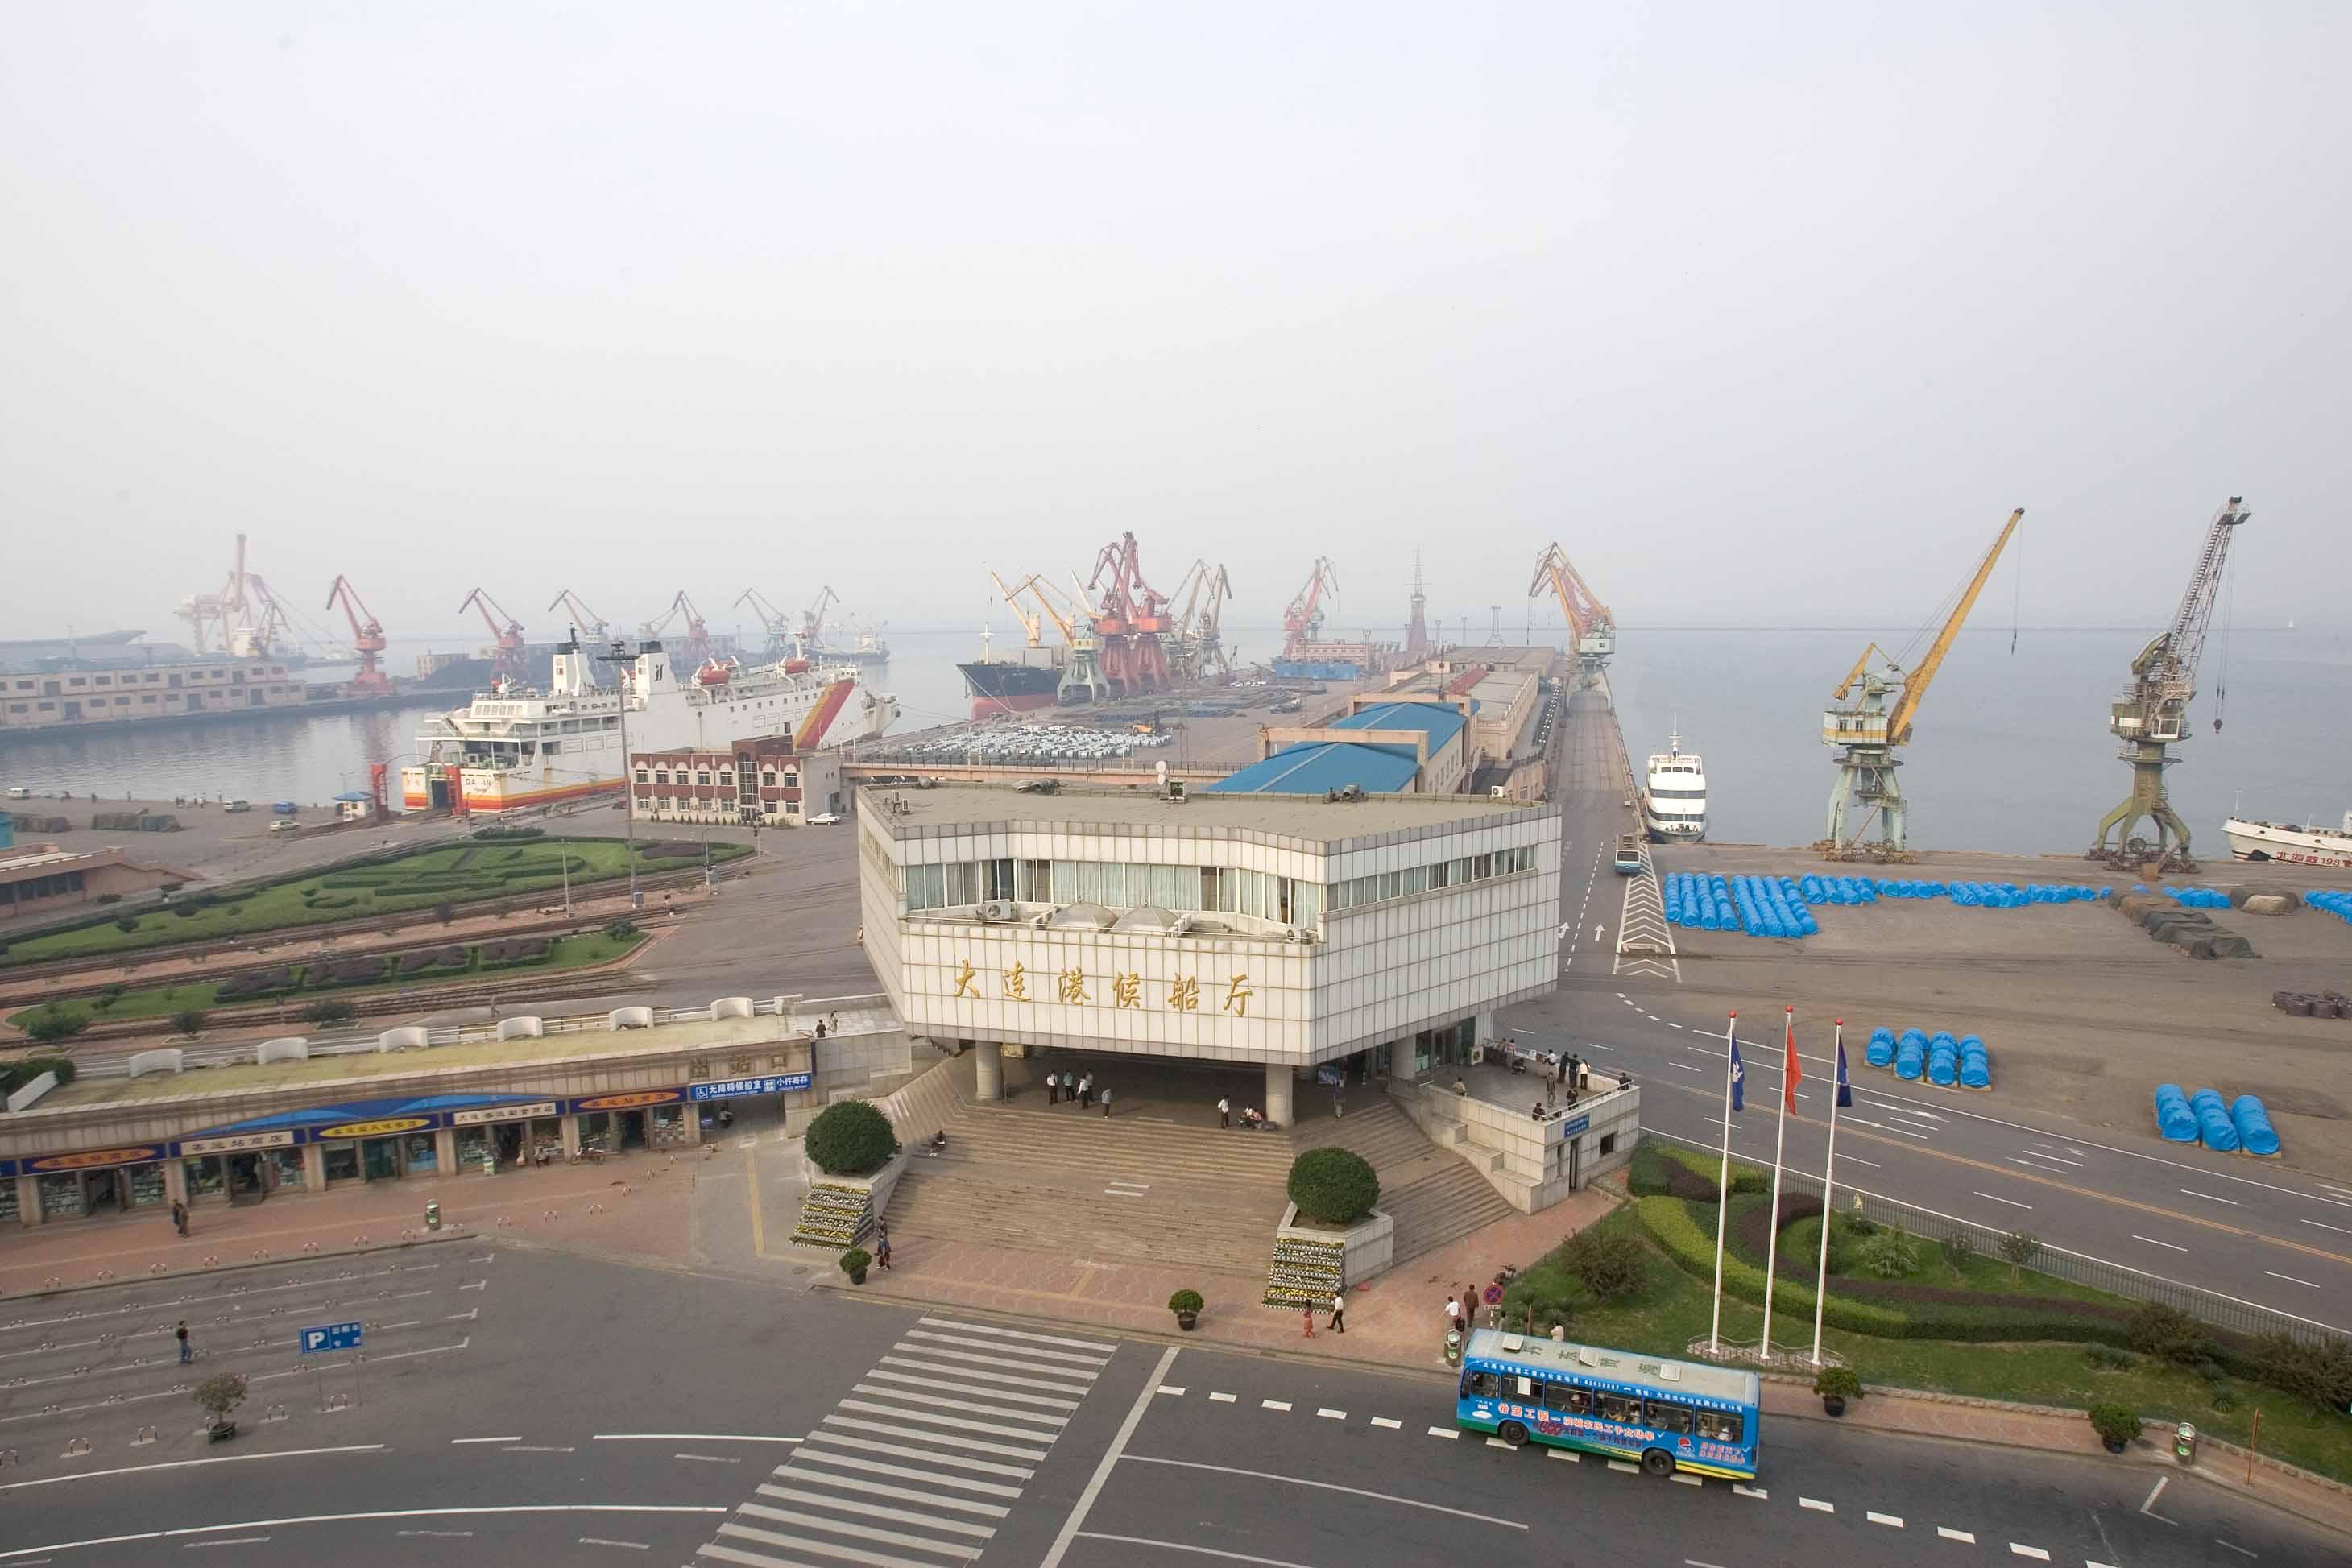 ショック!? あの『ラストエンペラー』に出てくる大連港の名所がなくなってしまった_b0235153_13242989.jpg